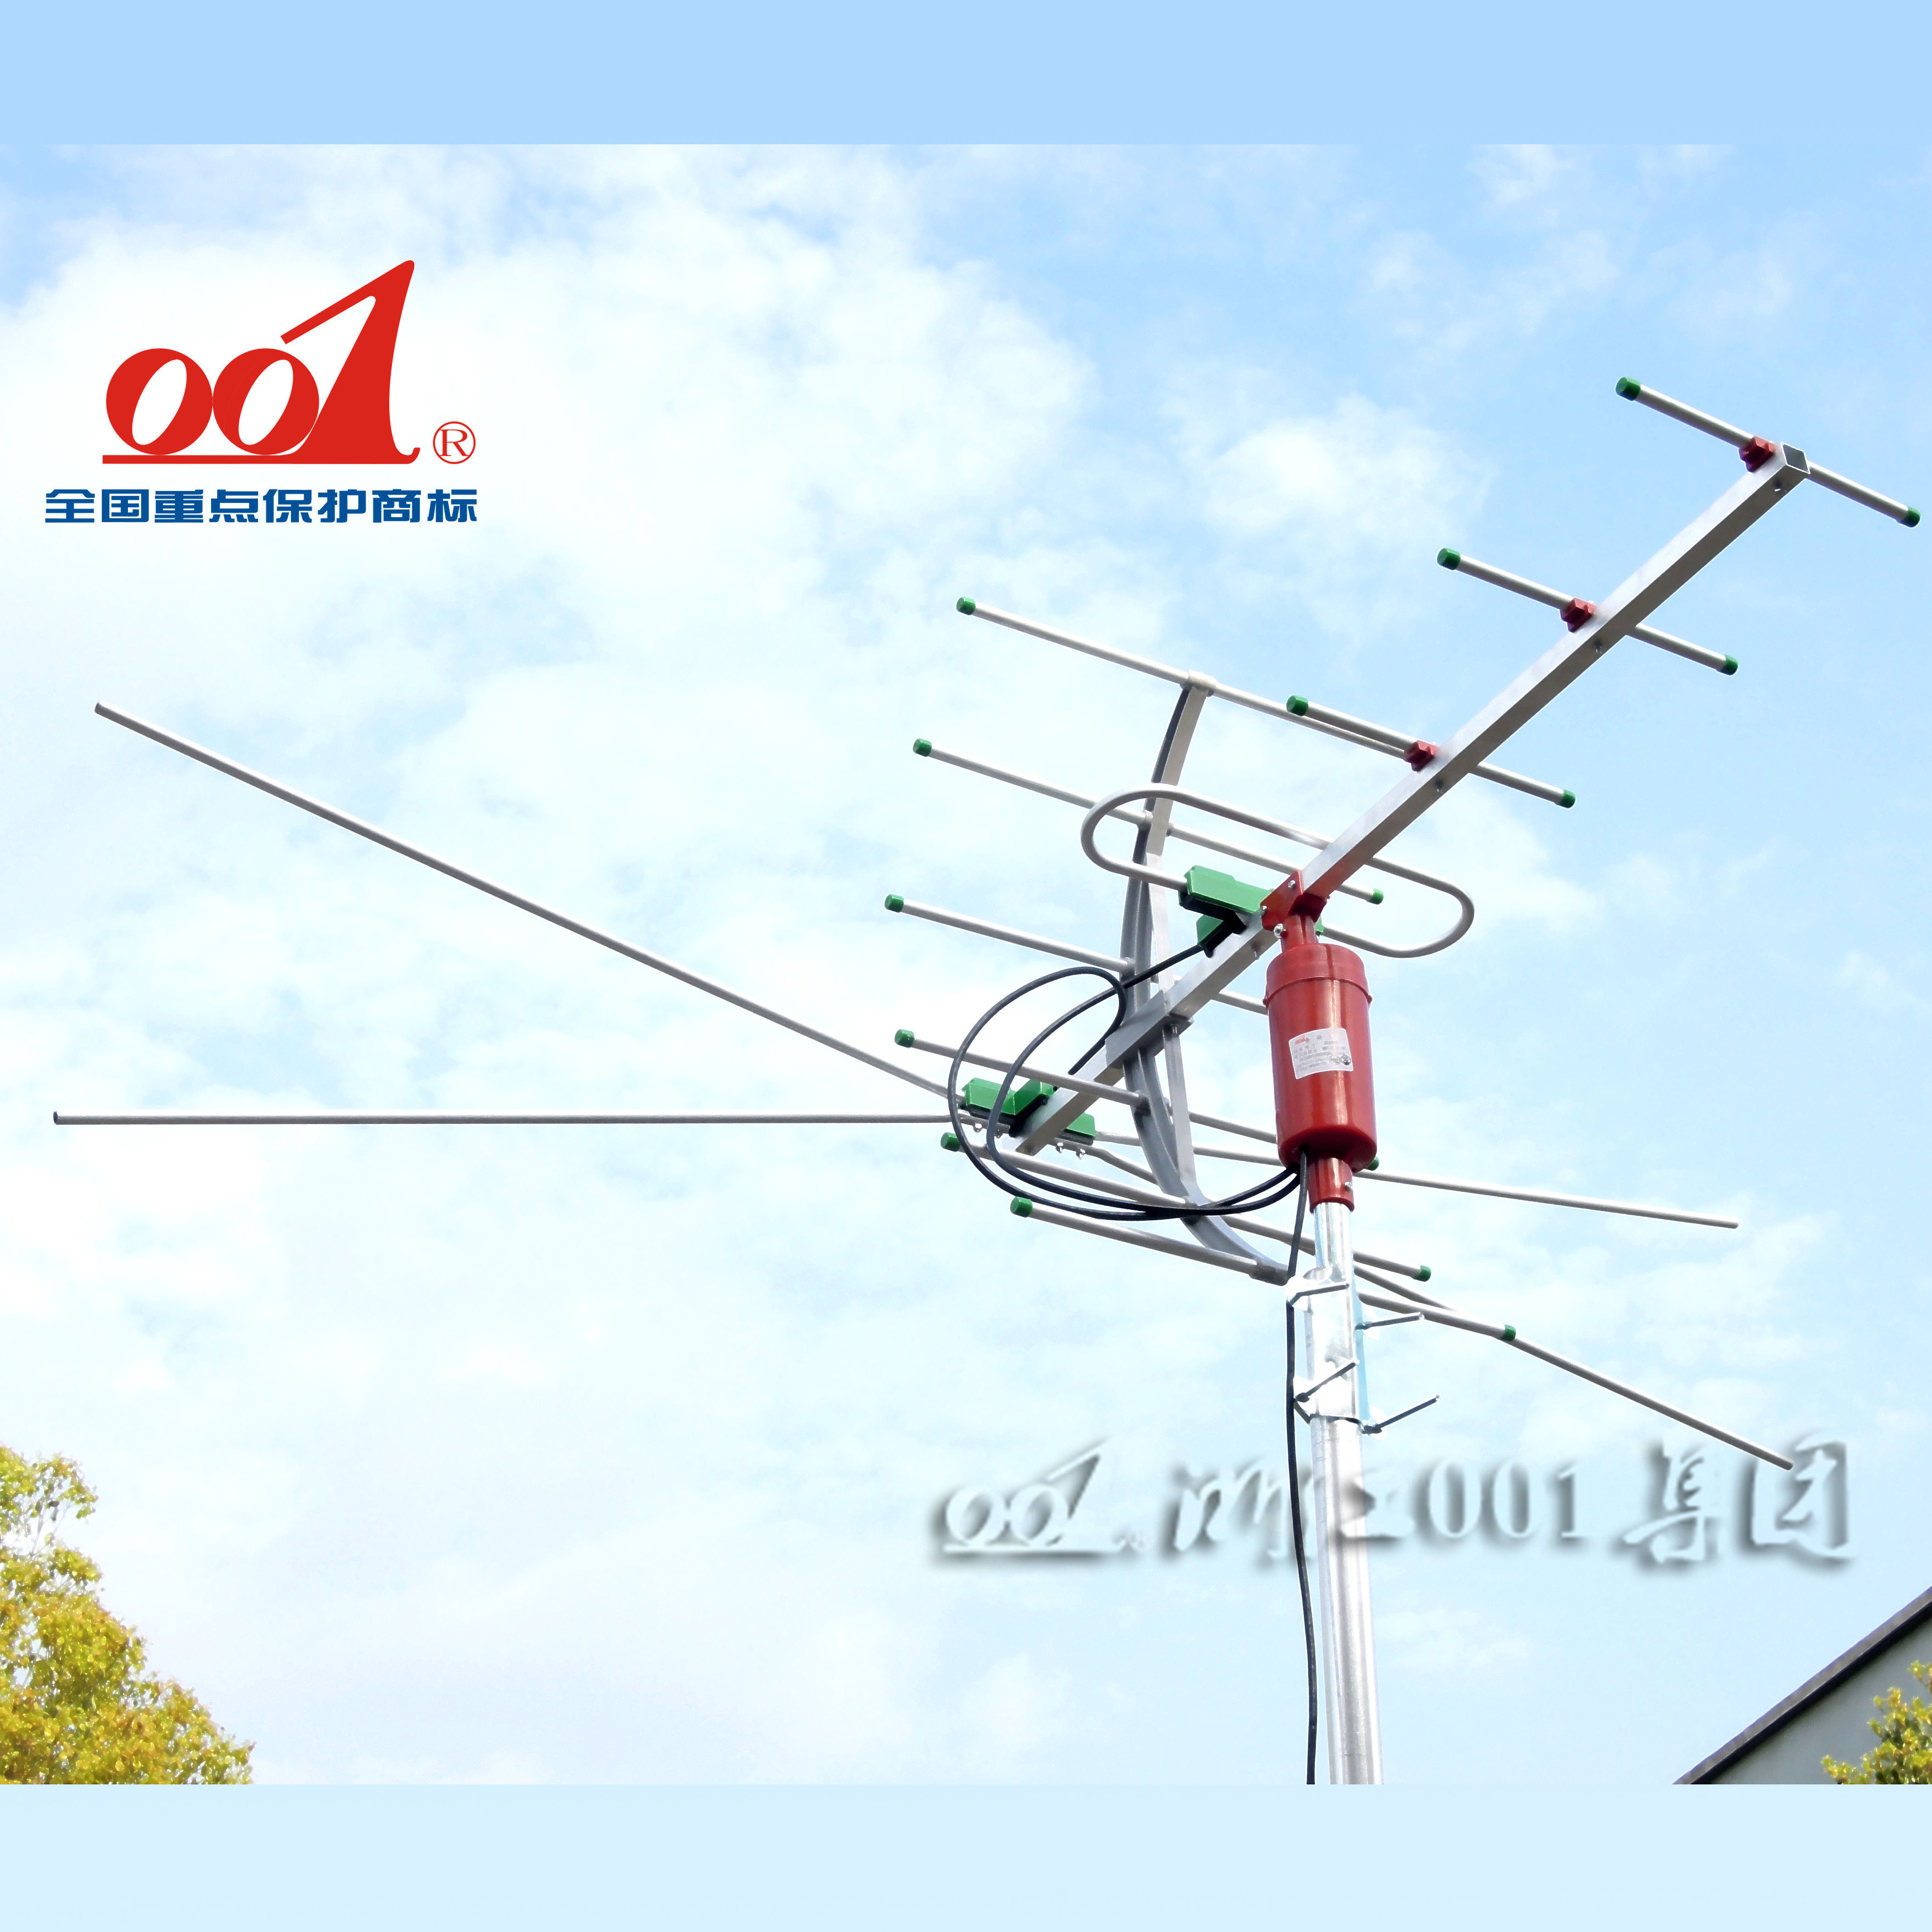 001电视信号接收天线双模天线室外转向天线